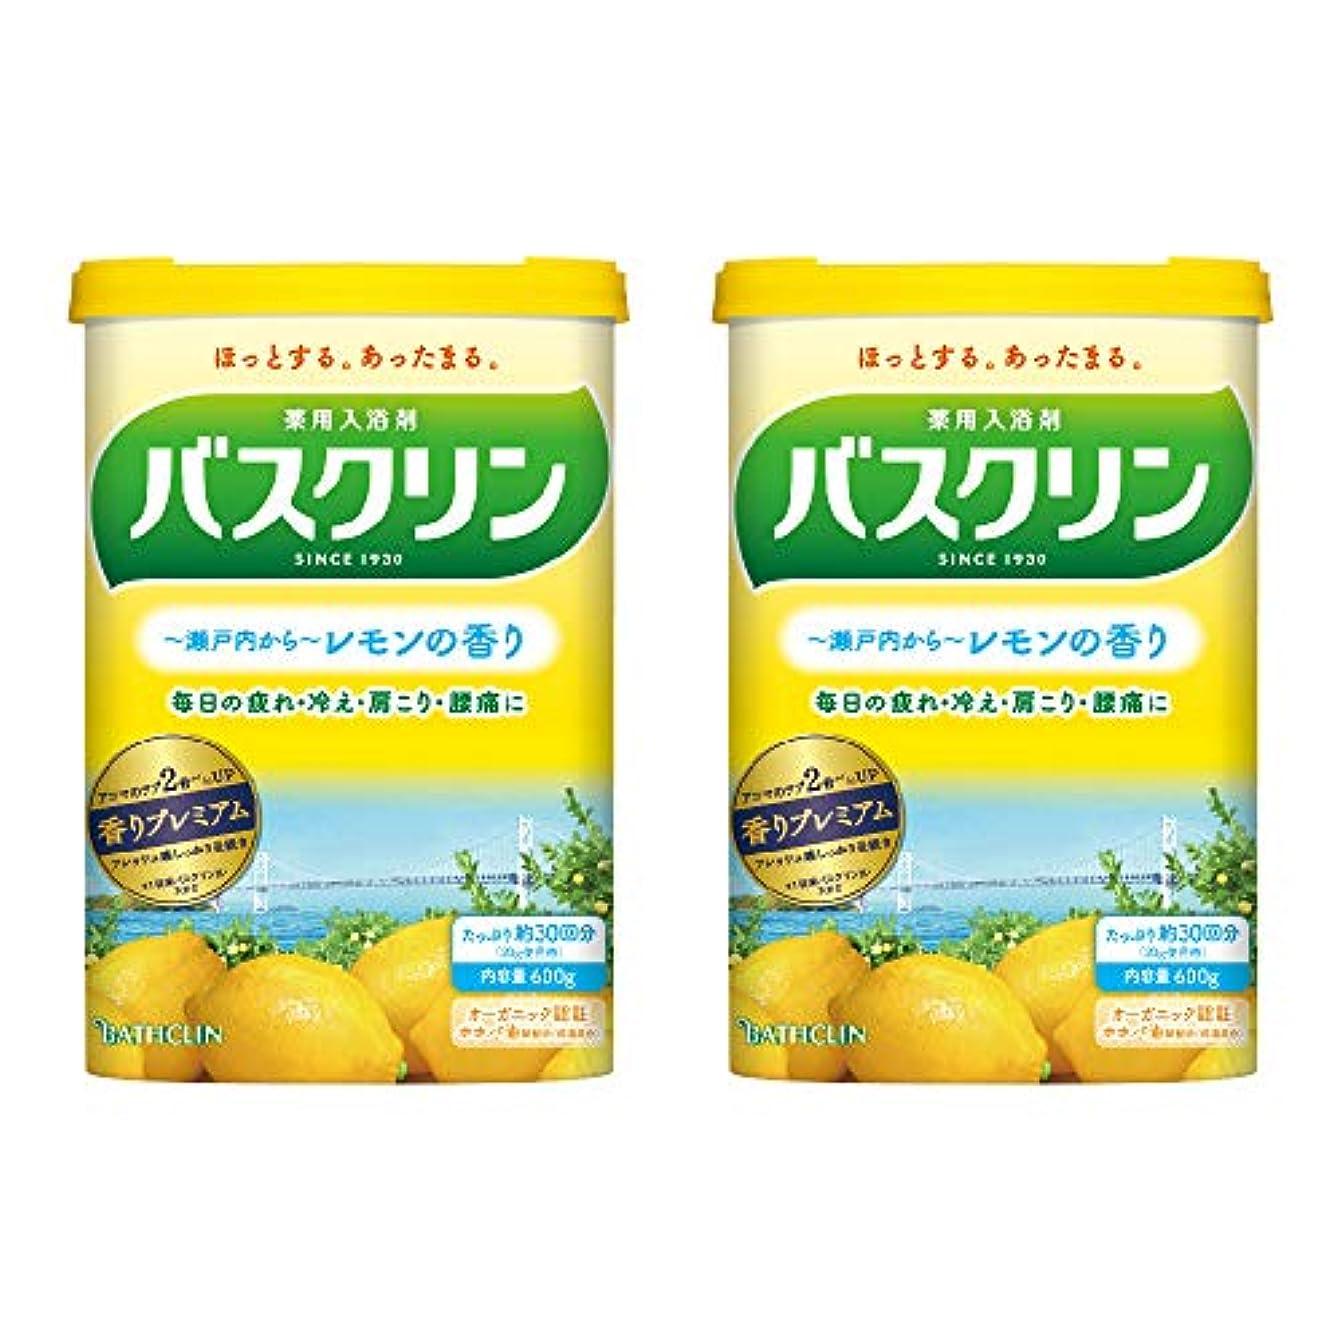 失敗に浸す【まとめ買い】【医薬部外品】バスクリンレモンの香り600g入浴剤(約30回分)×2個